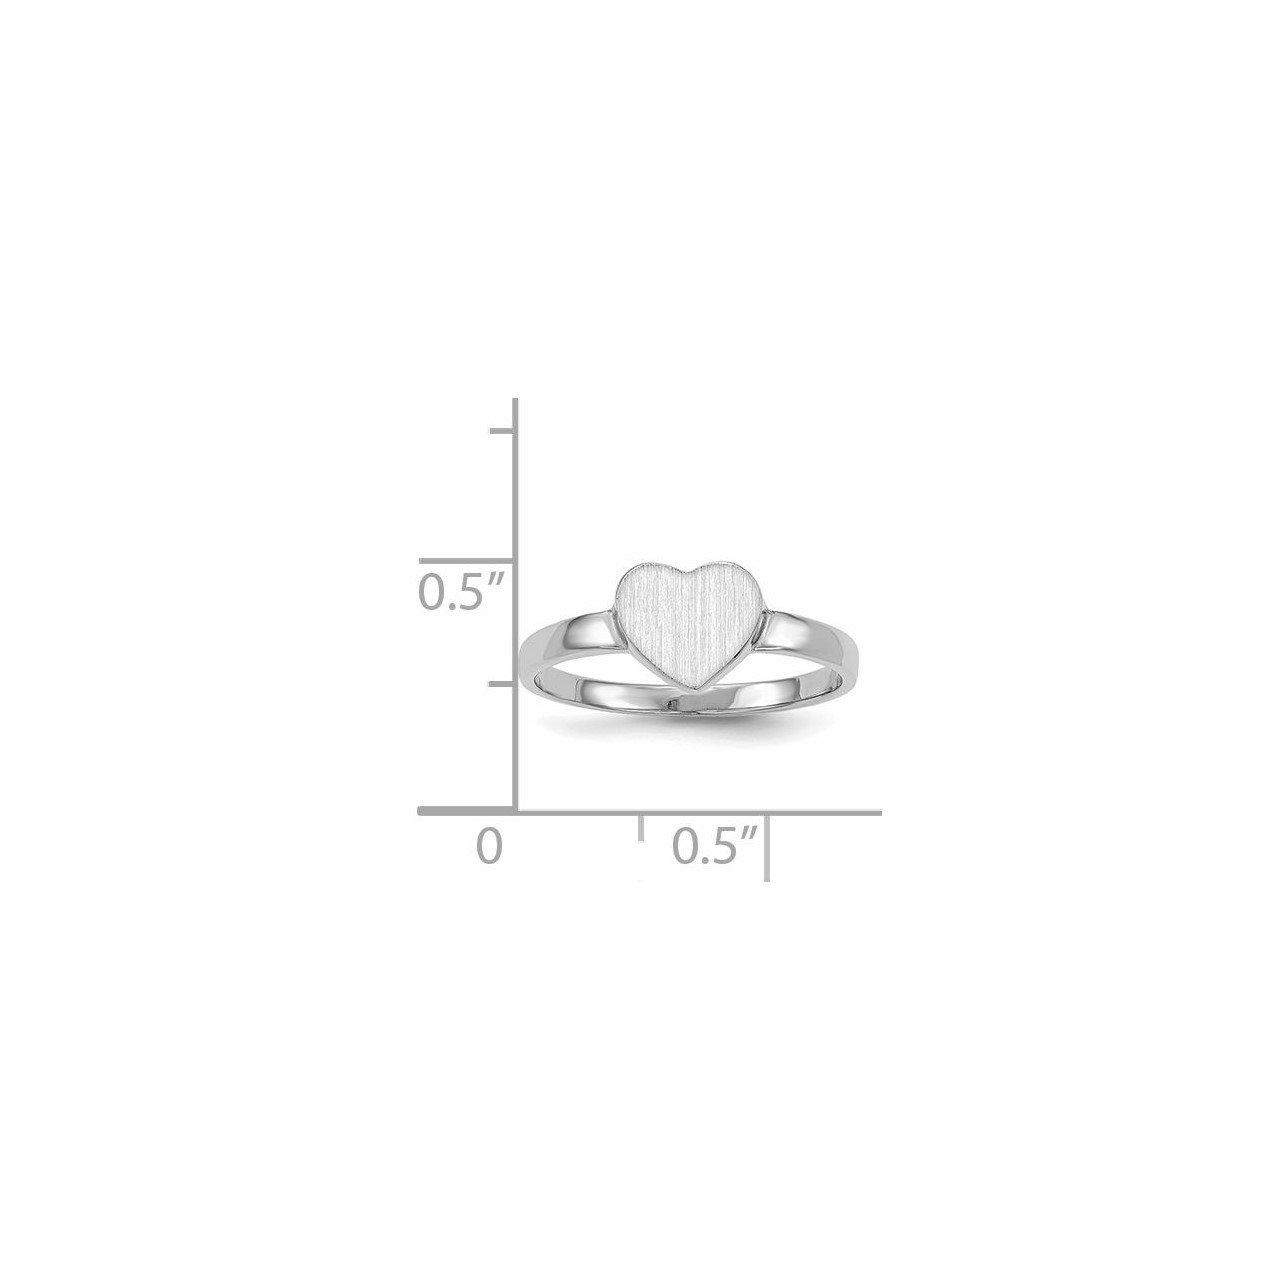 14k White Gold 7.0x7.5mm Open Back Heart Signet Ring-4